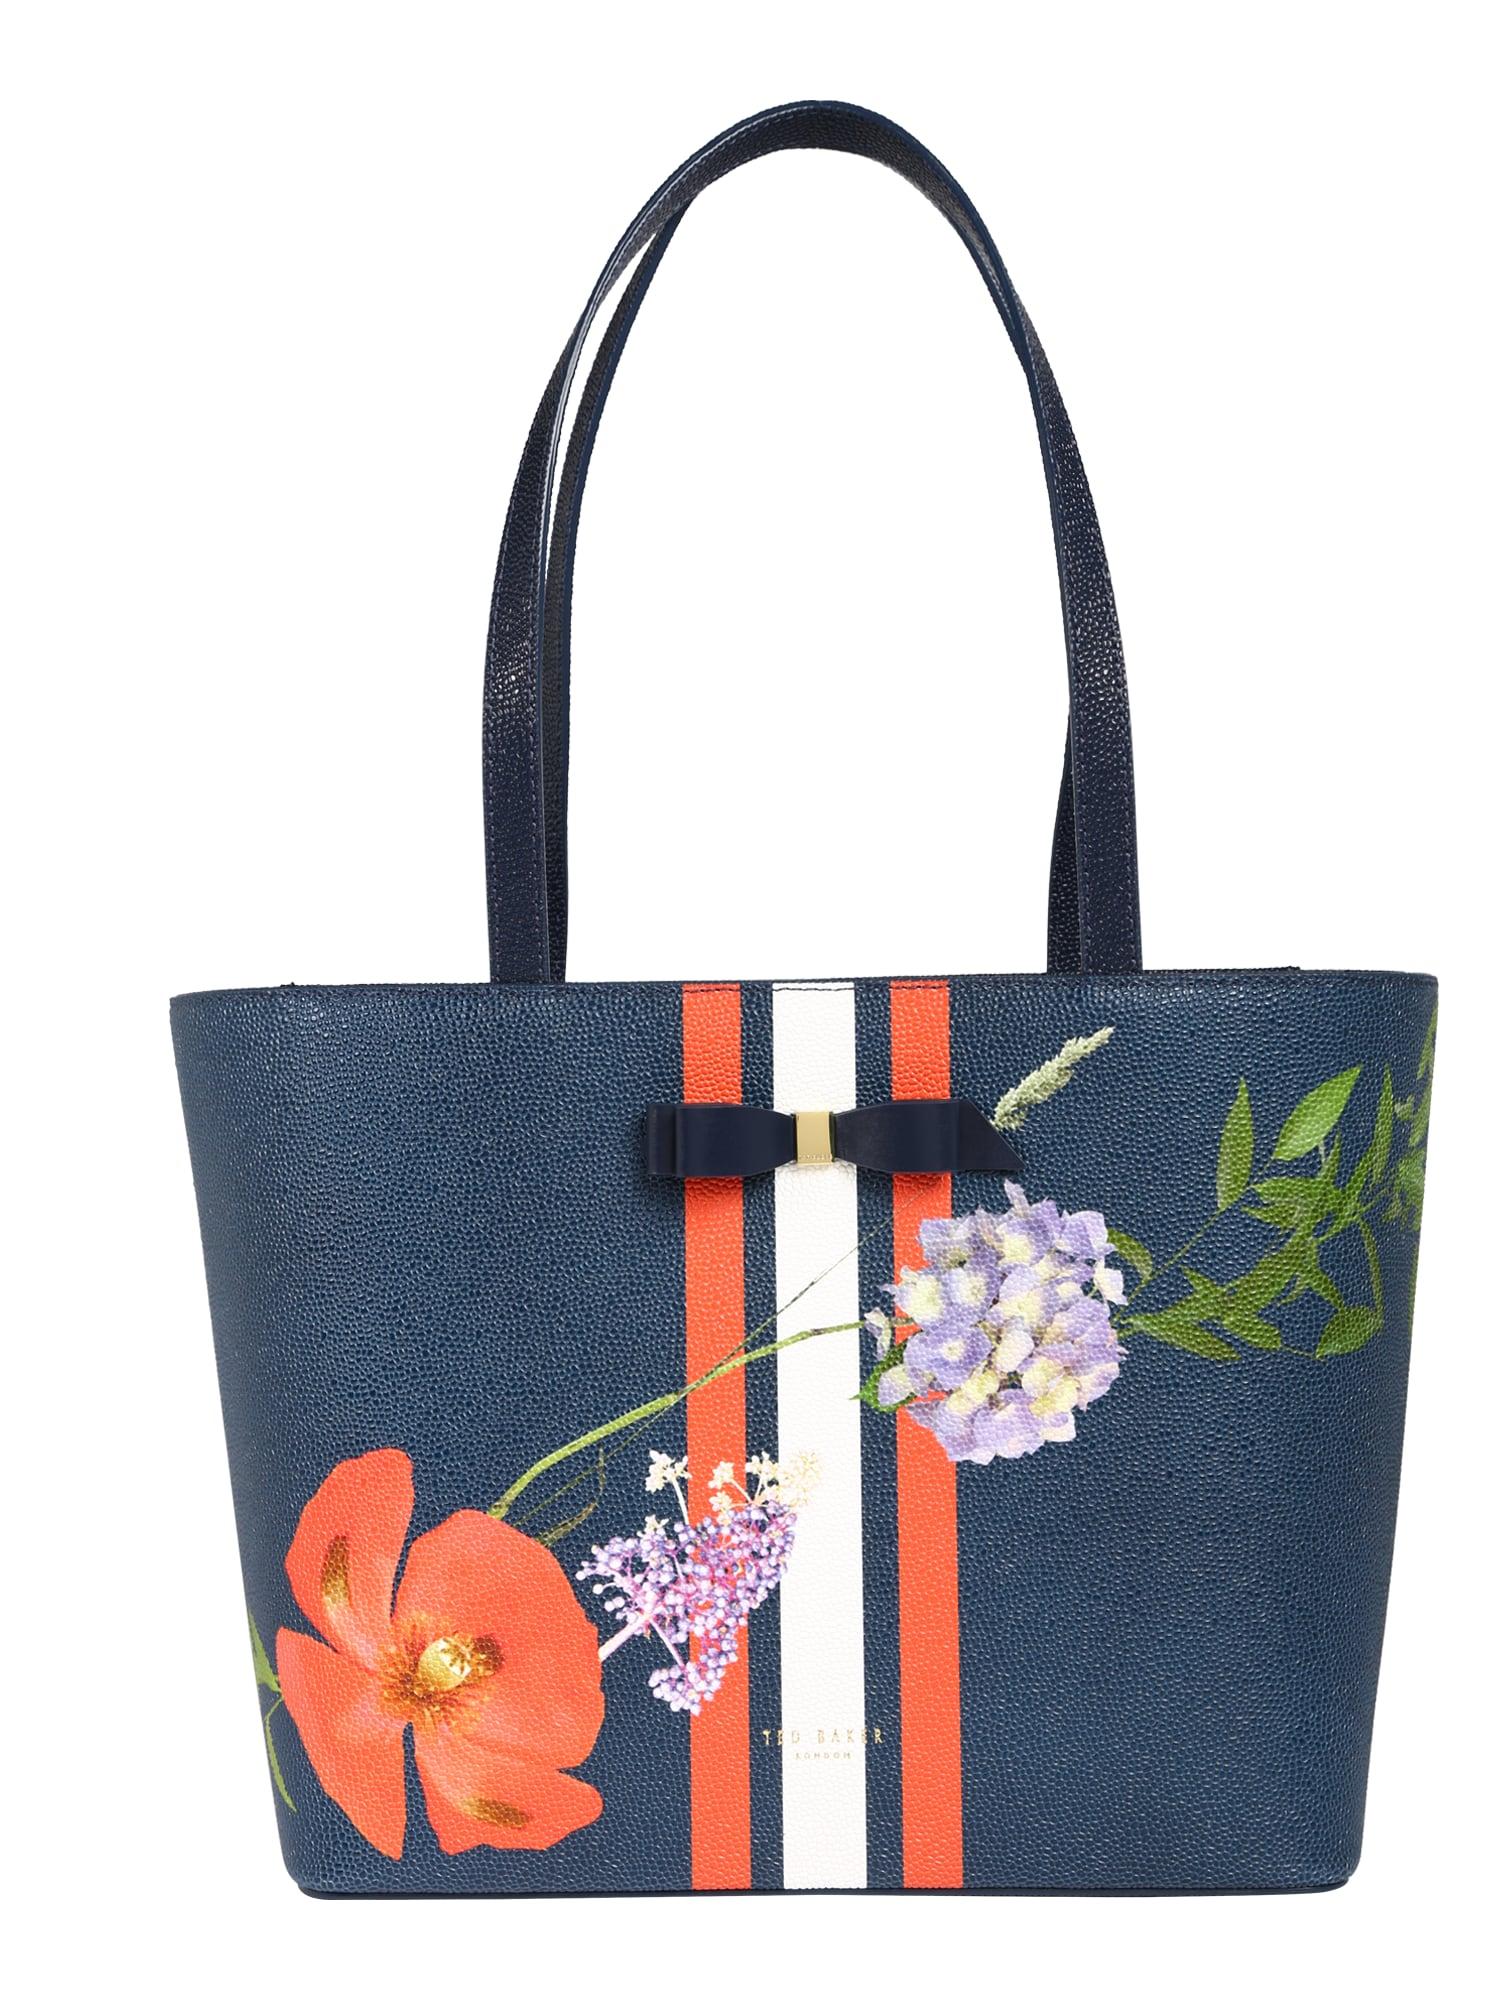 Nákupní taška titania hedgegrow shopper tmavě modrá mix barev Ted Baker